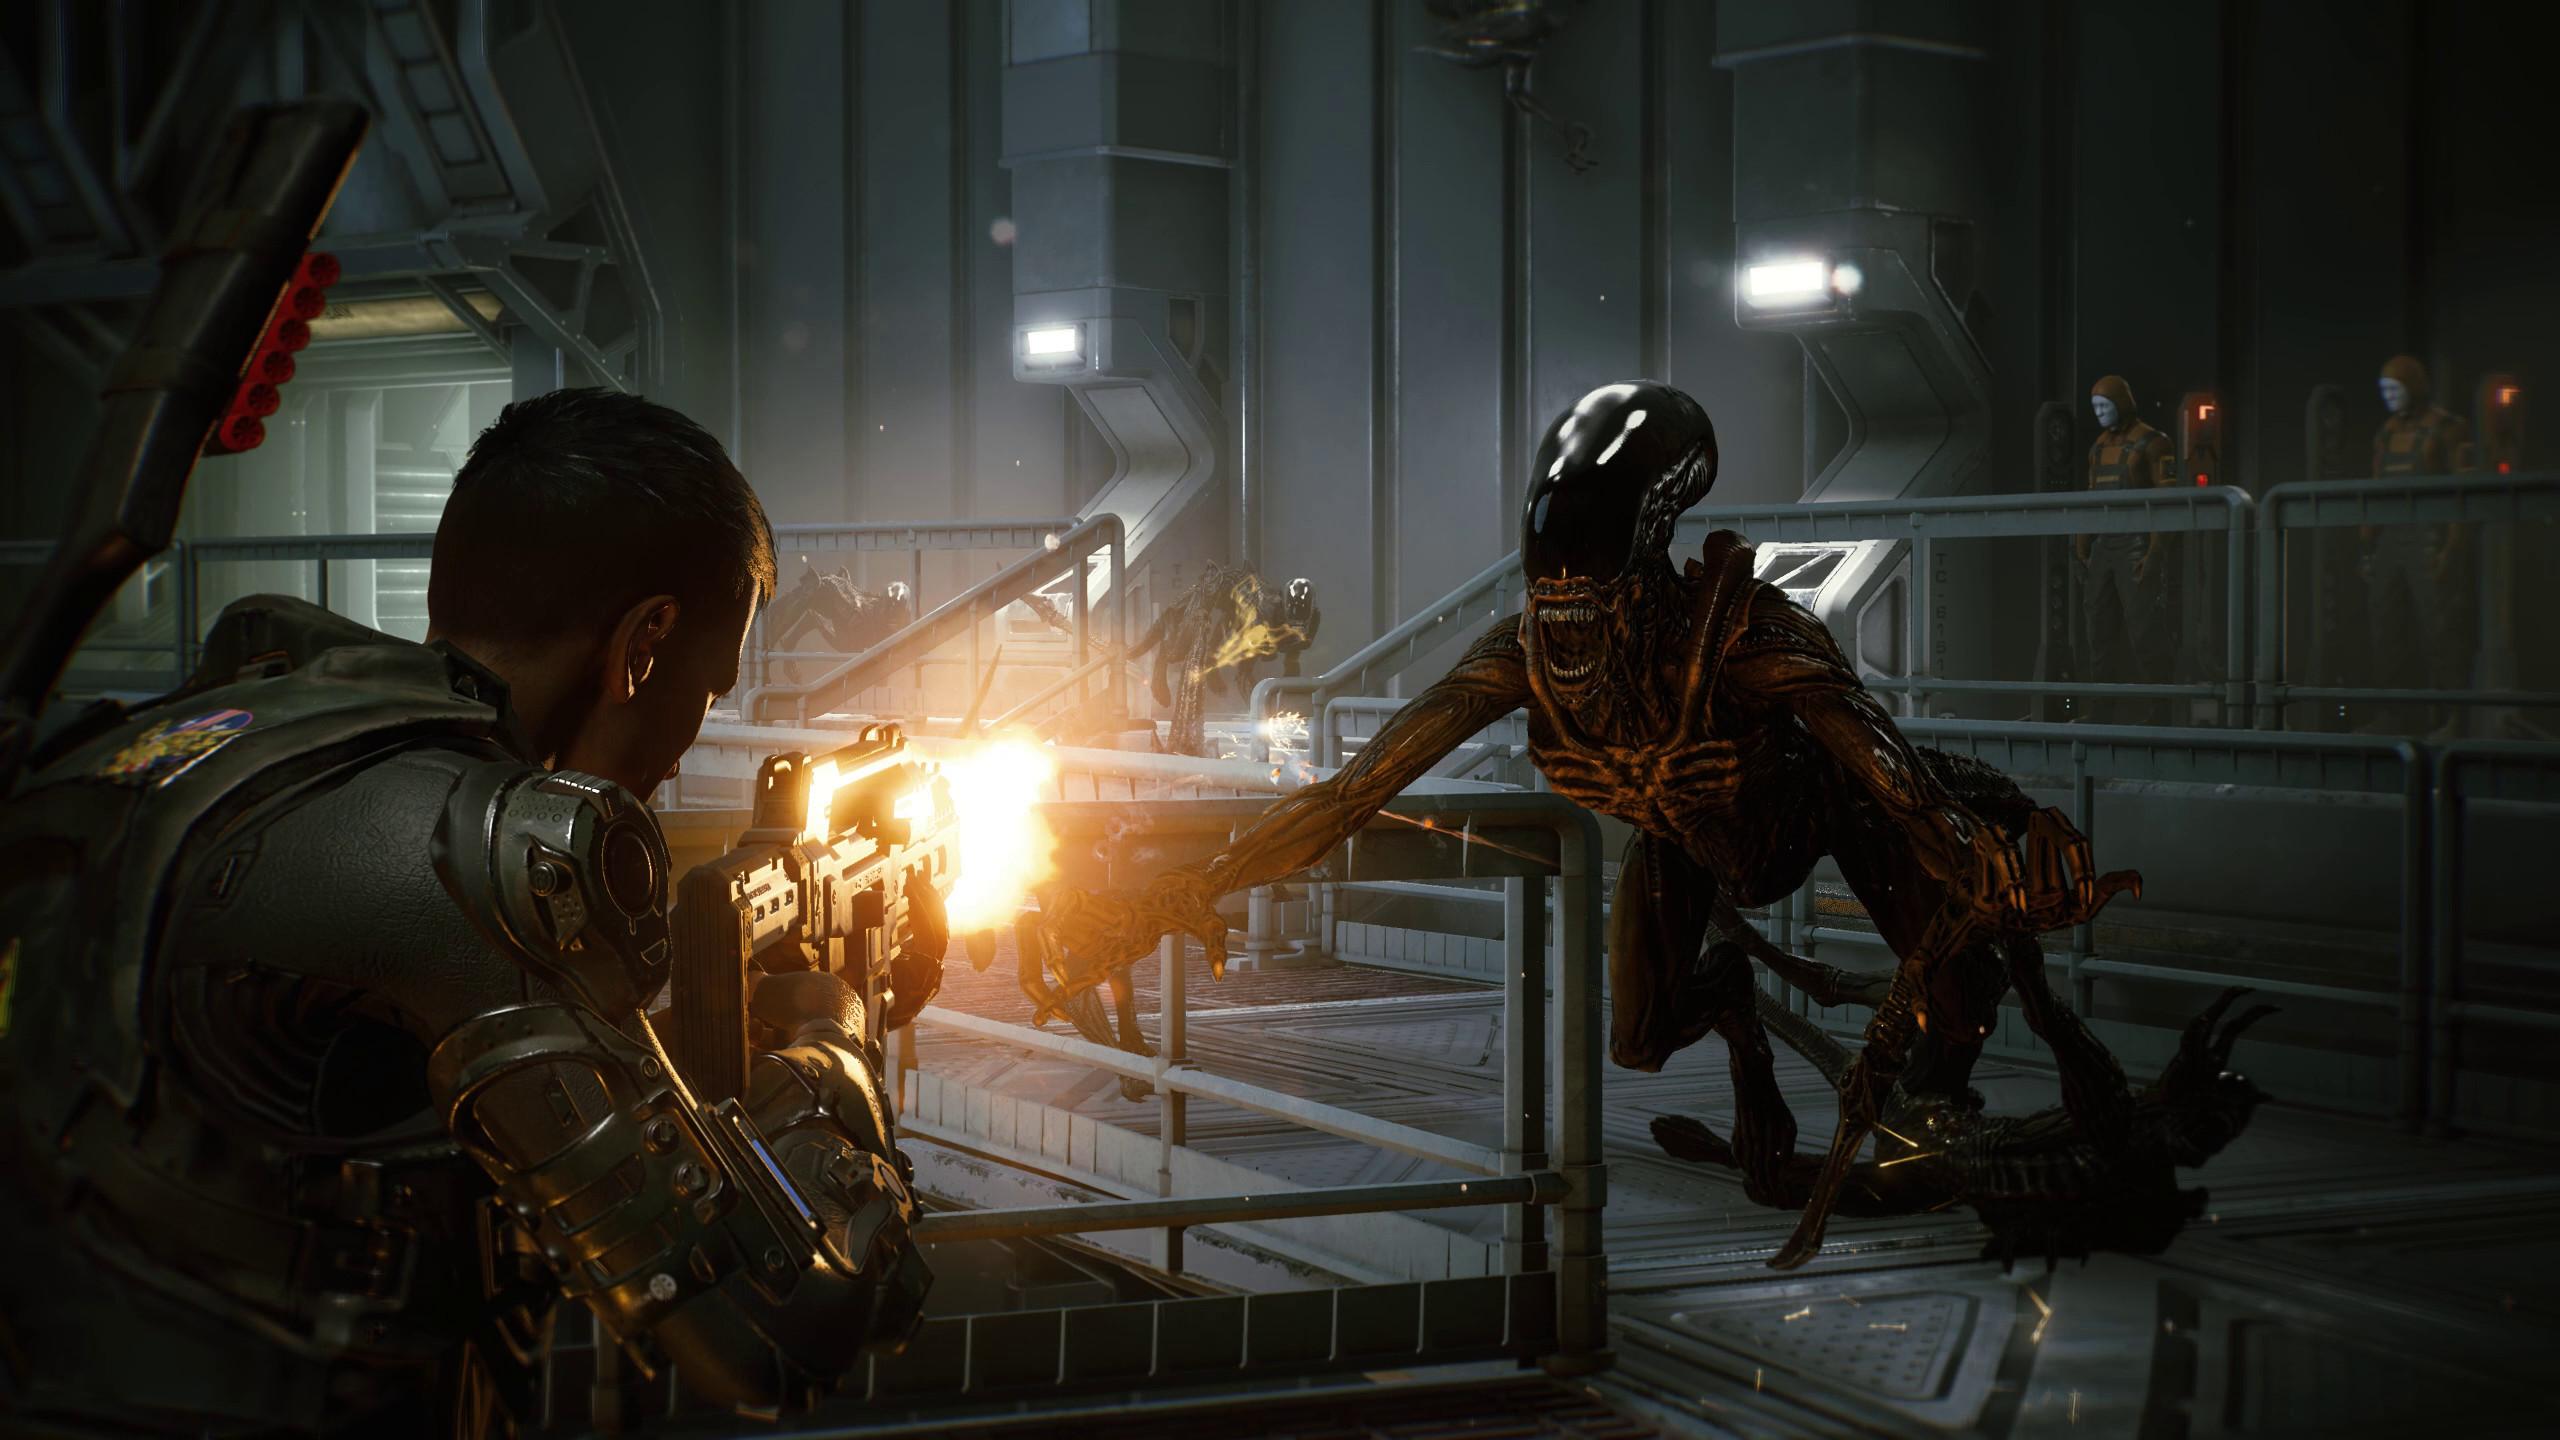 《异形:火力小队》8月24日发售 故事背景和细节曝光